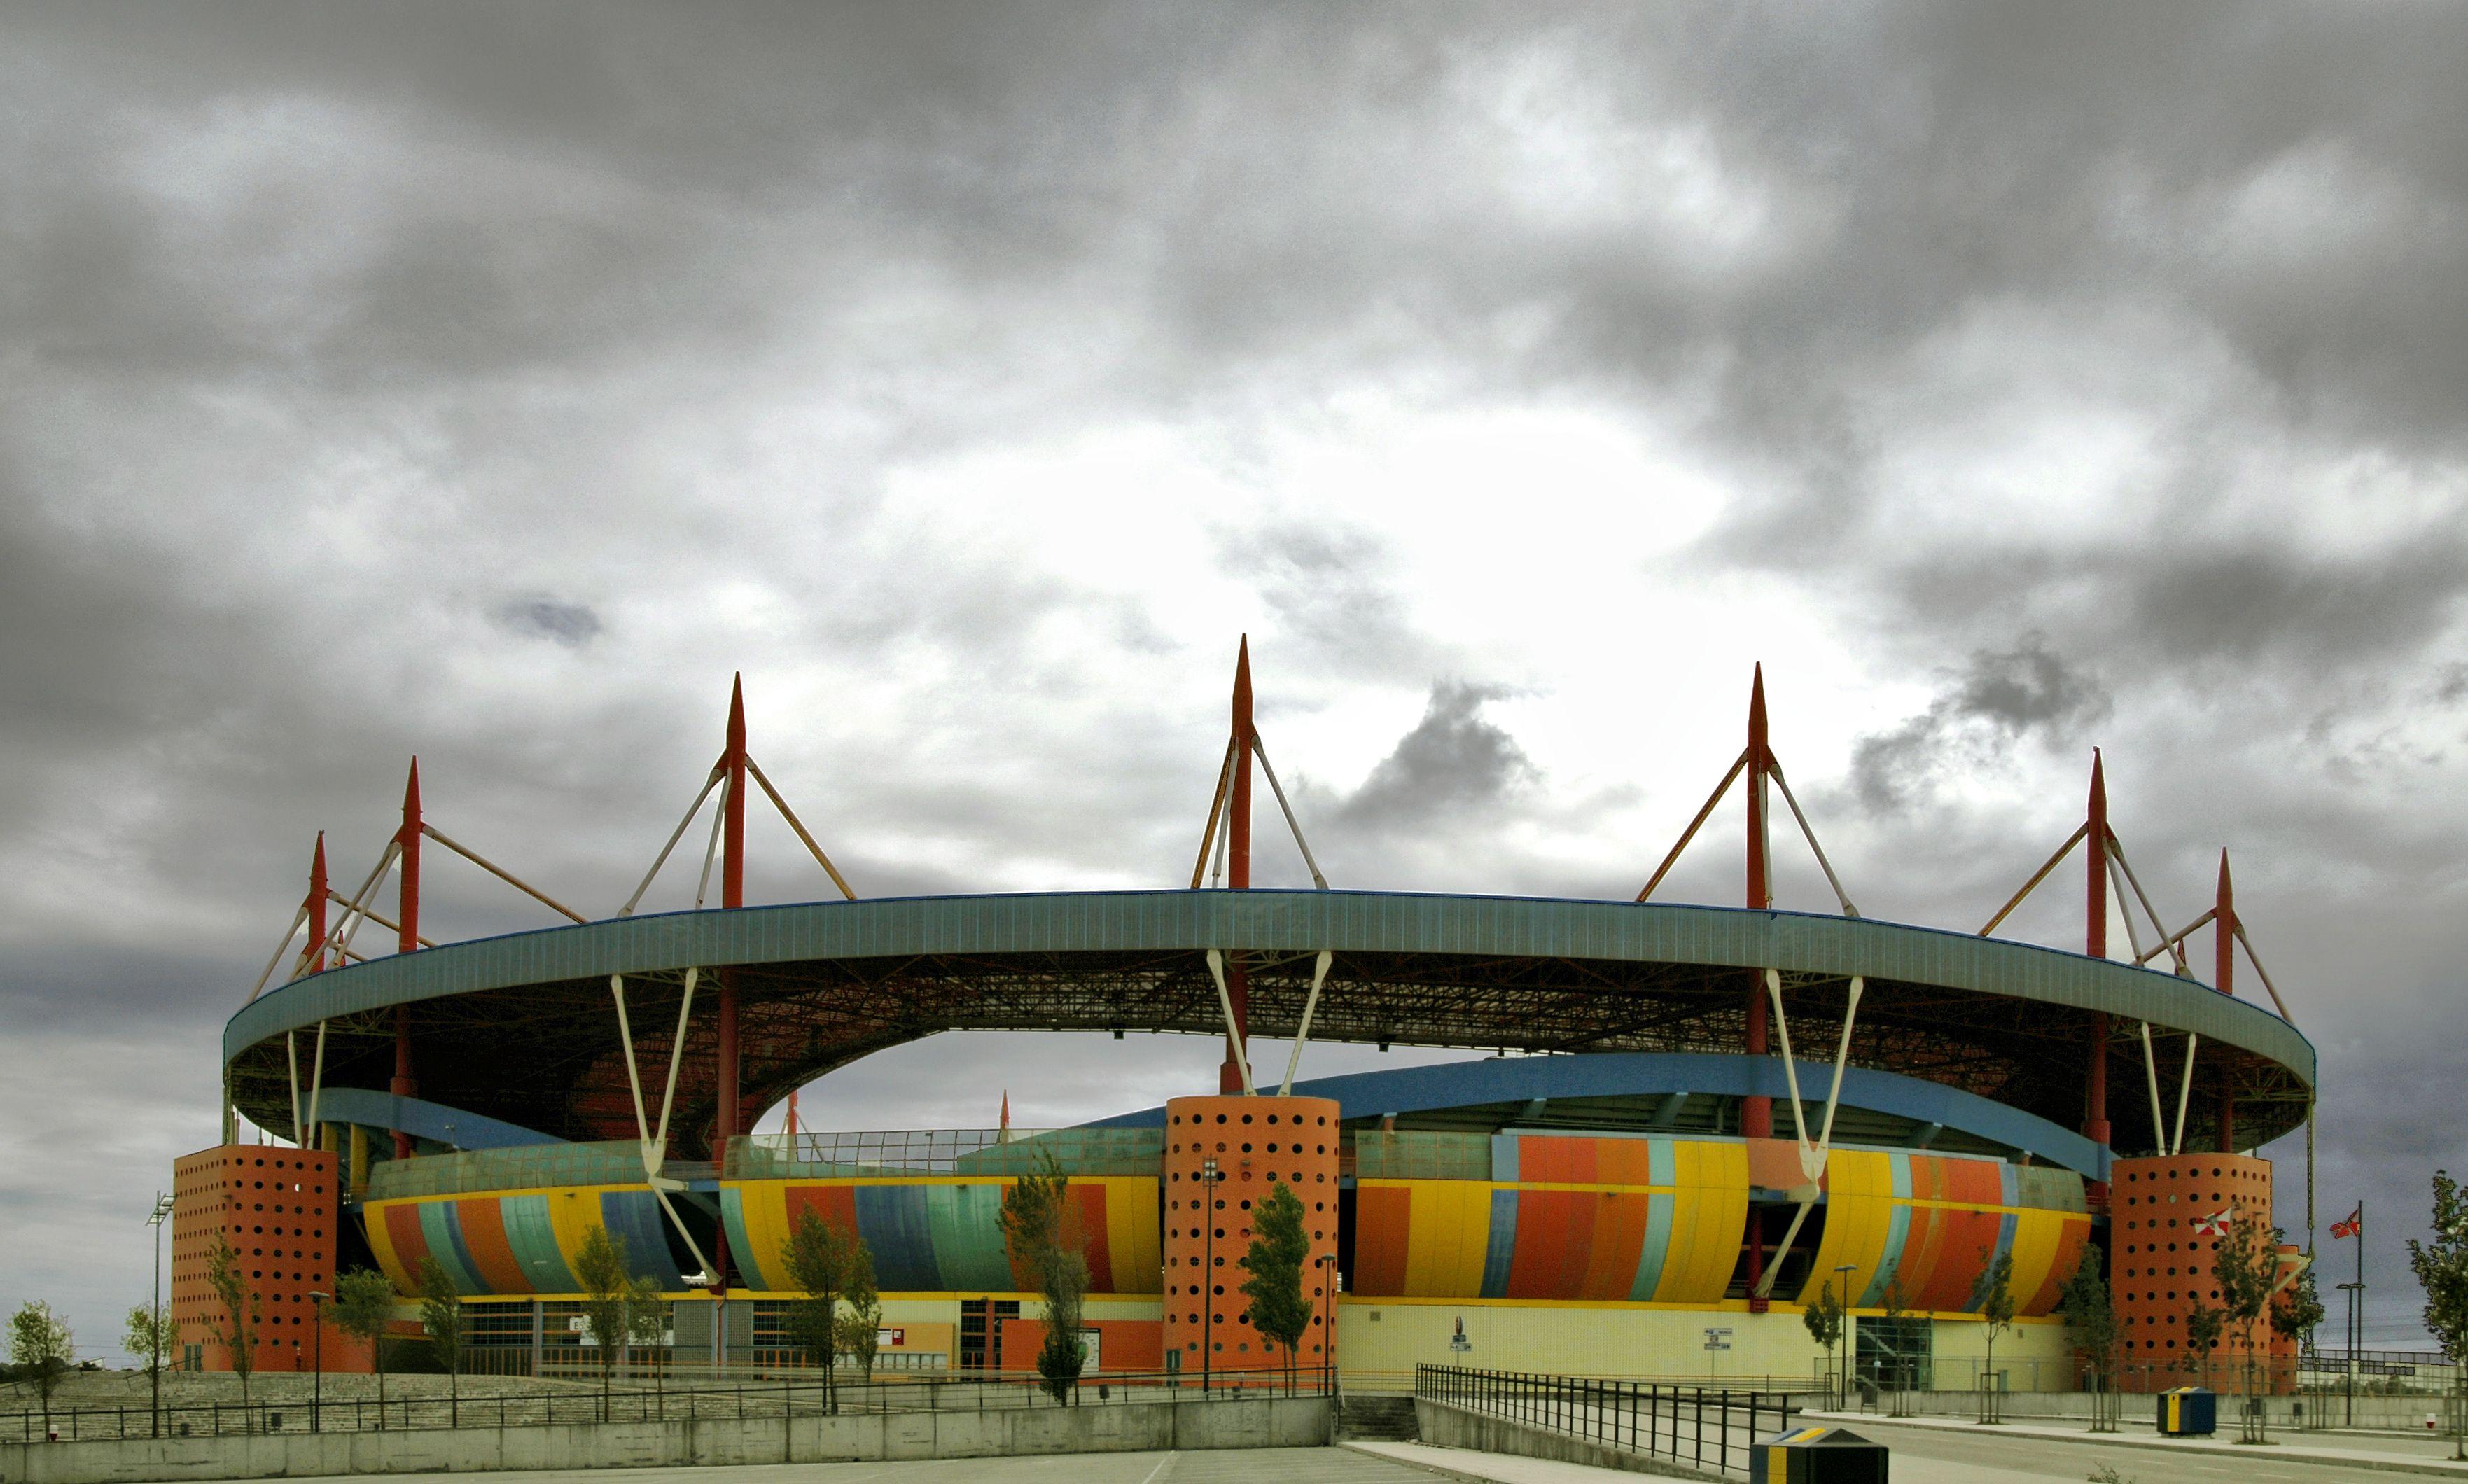 Estádio de futebol - Aveiro